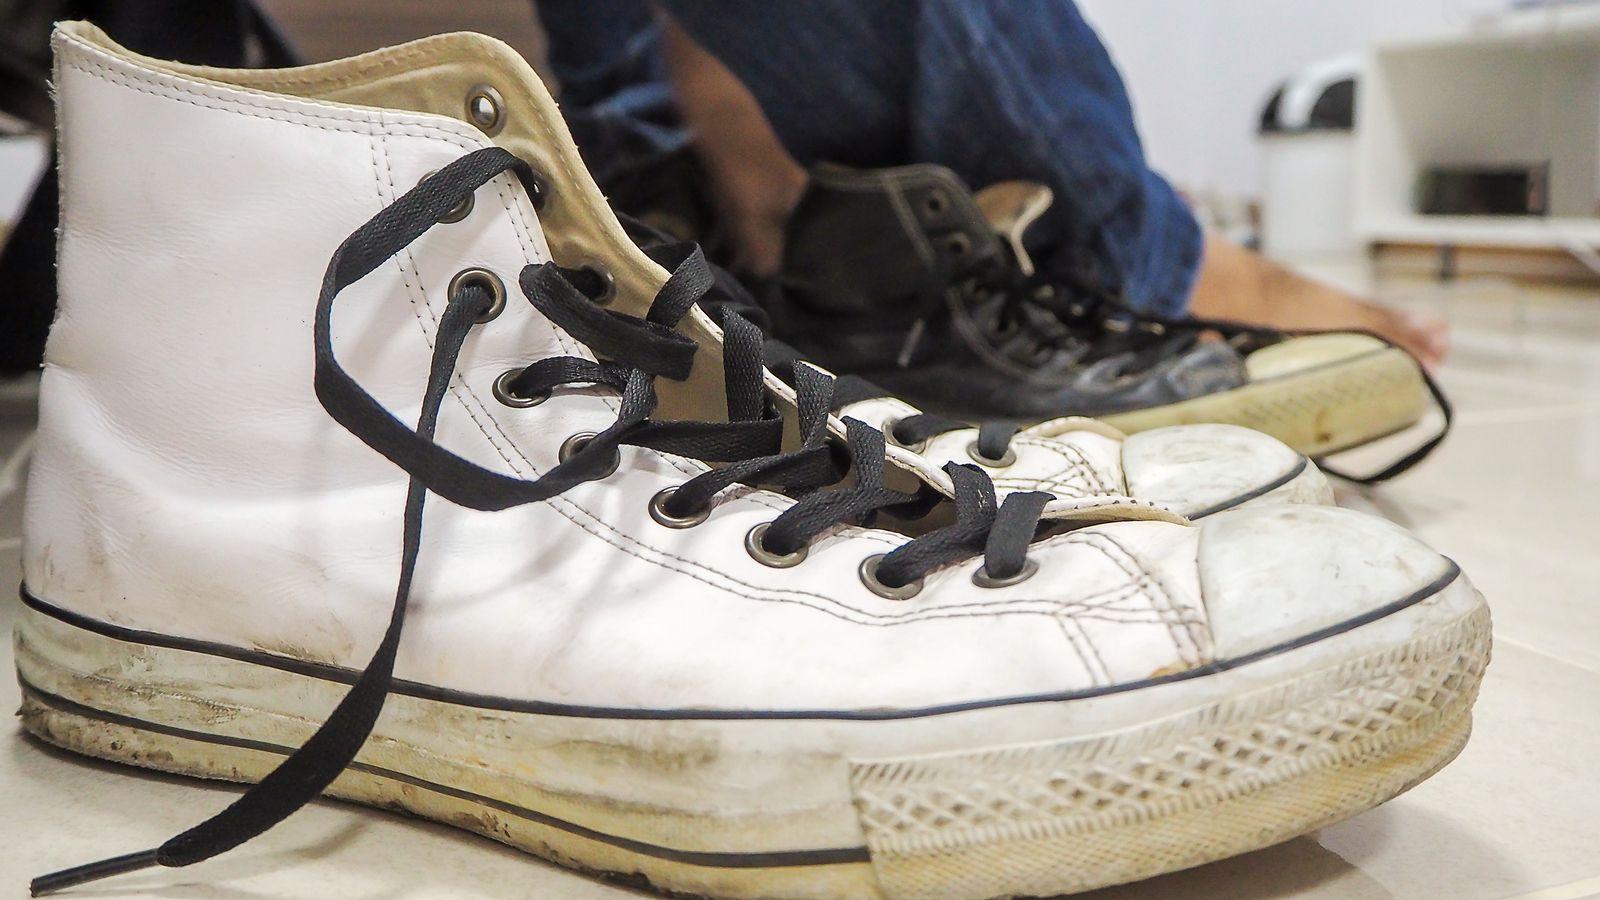 Sabes Cómo Puedes Limpiar Tus Zapatillas Blancas